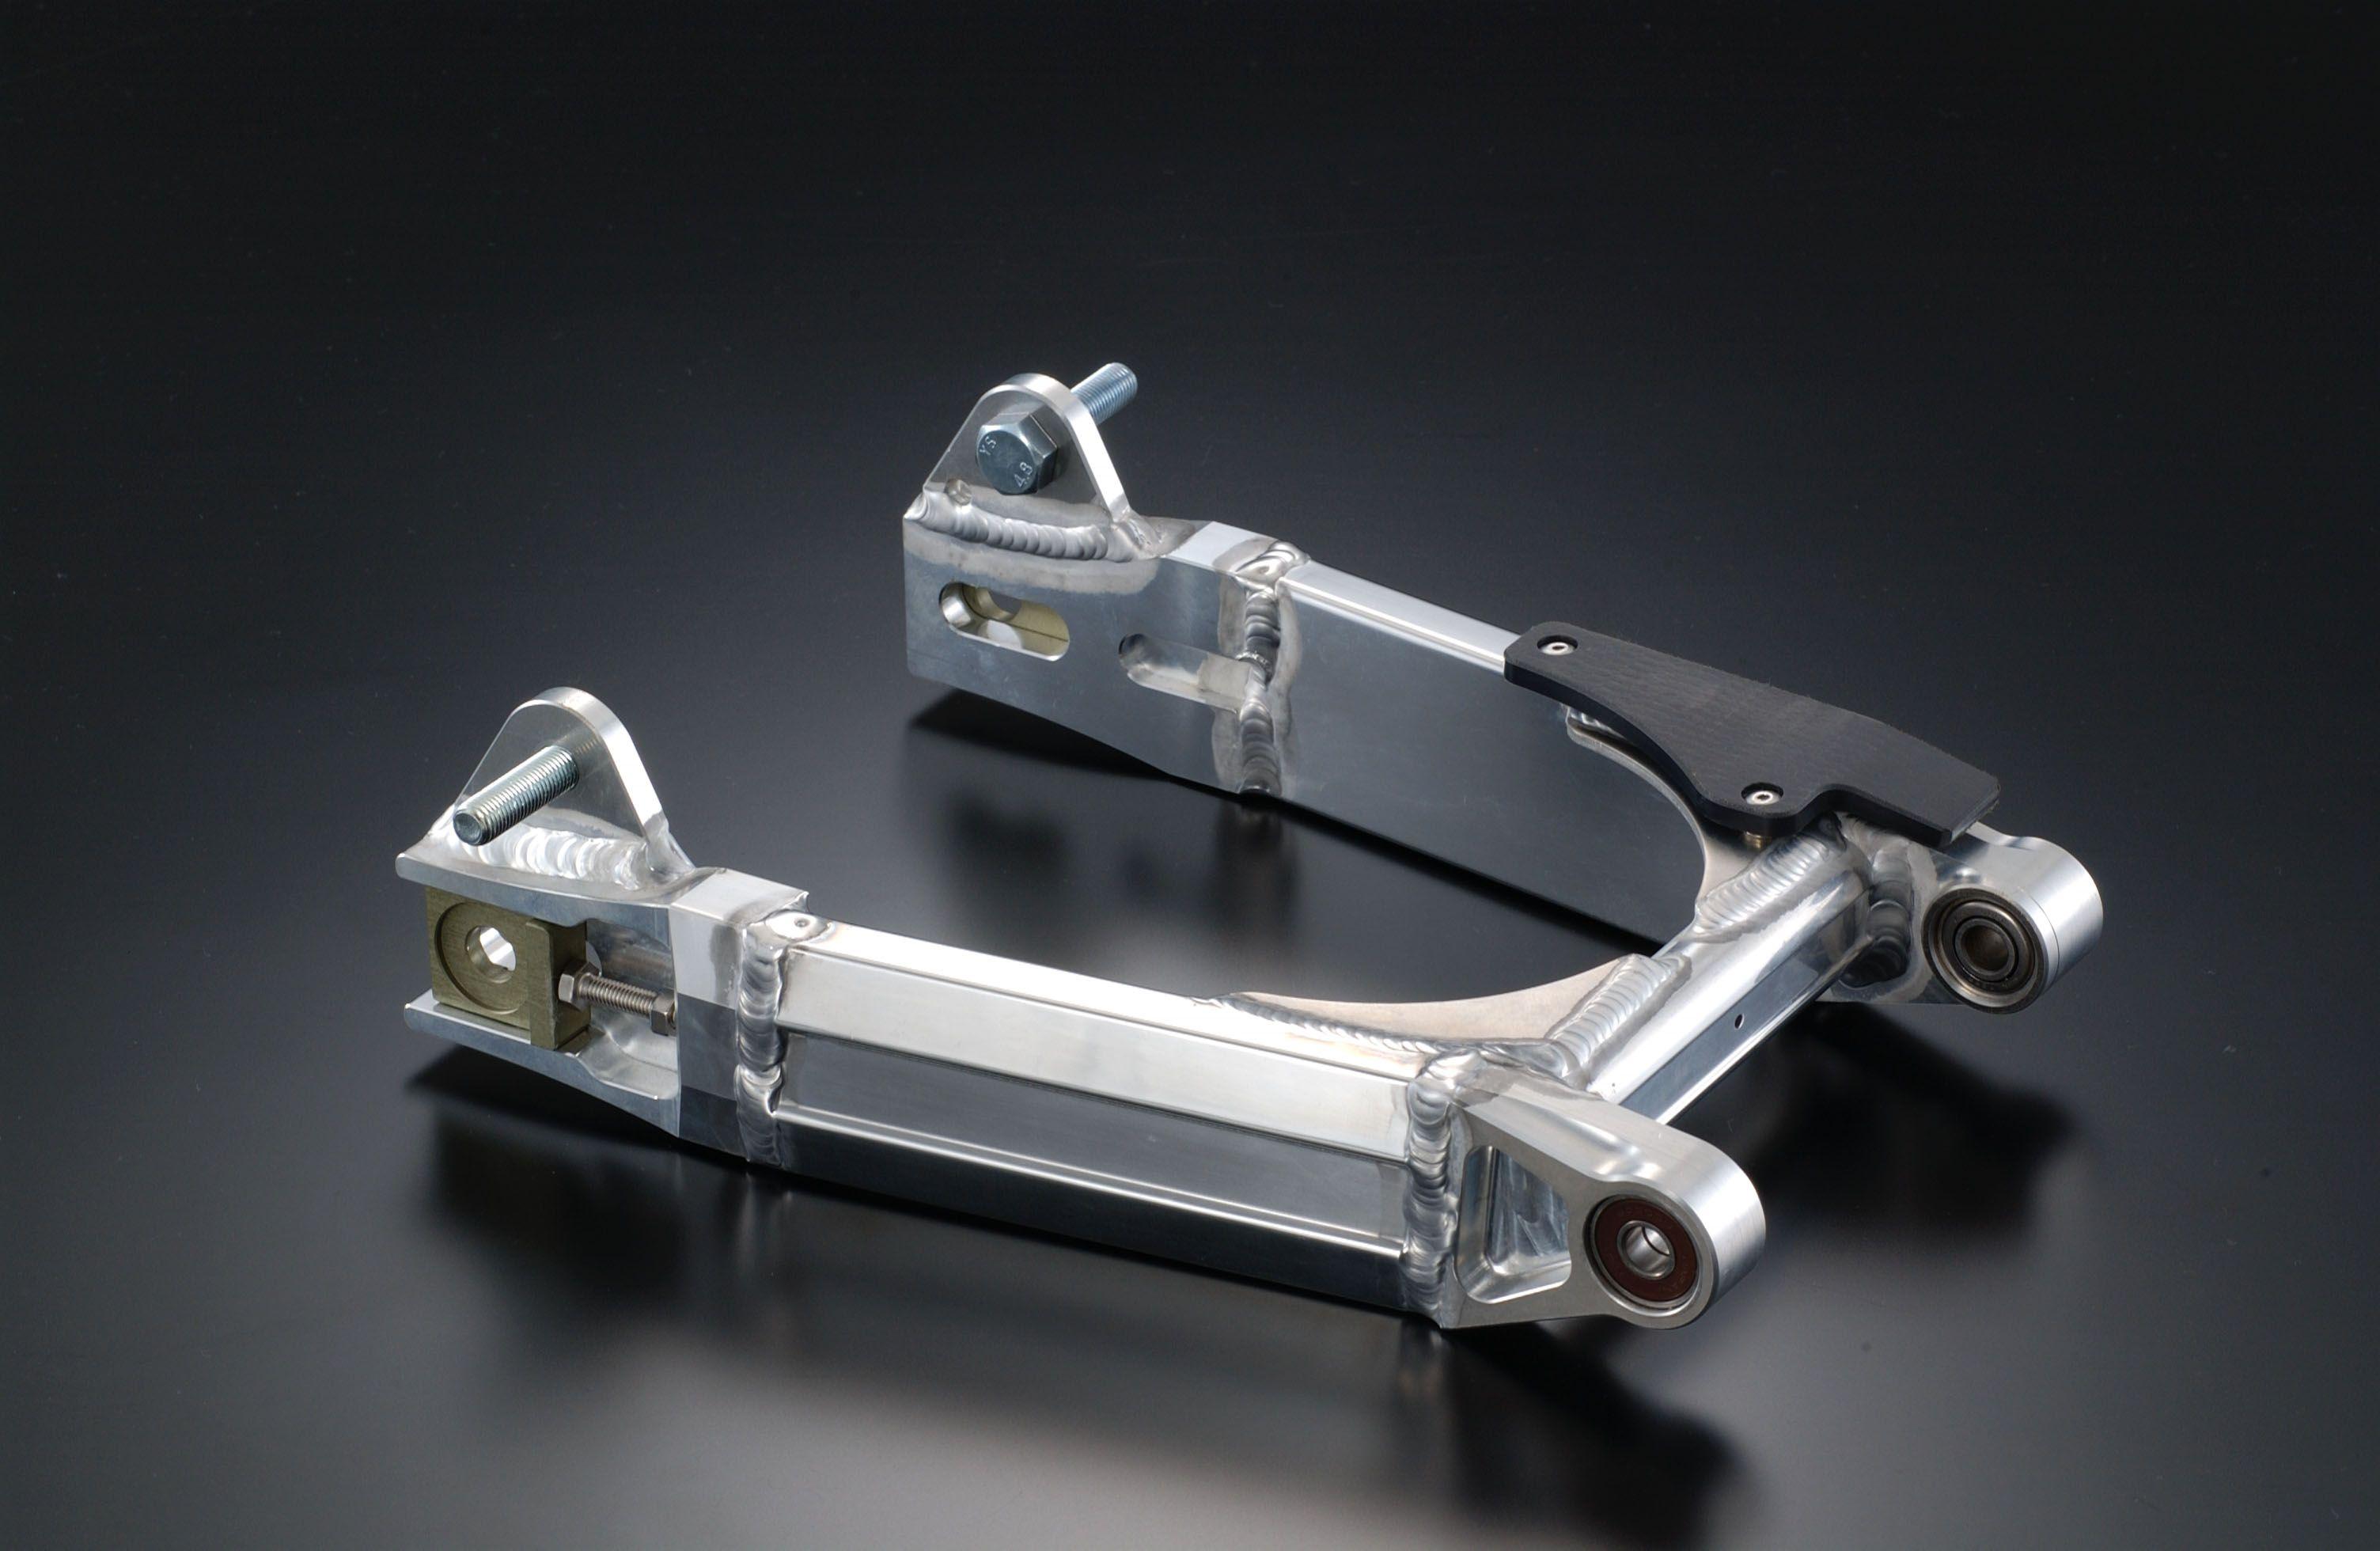 【G-Craft】超寬版雙避震多角型後搖臂 加長20cm - 「Webike-摩托百貨」